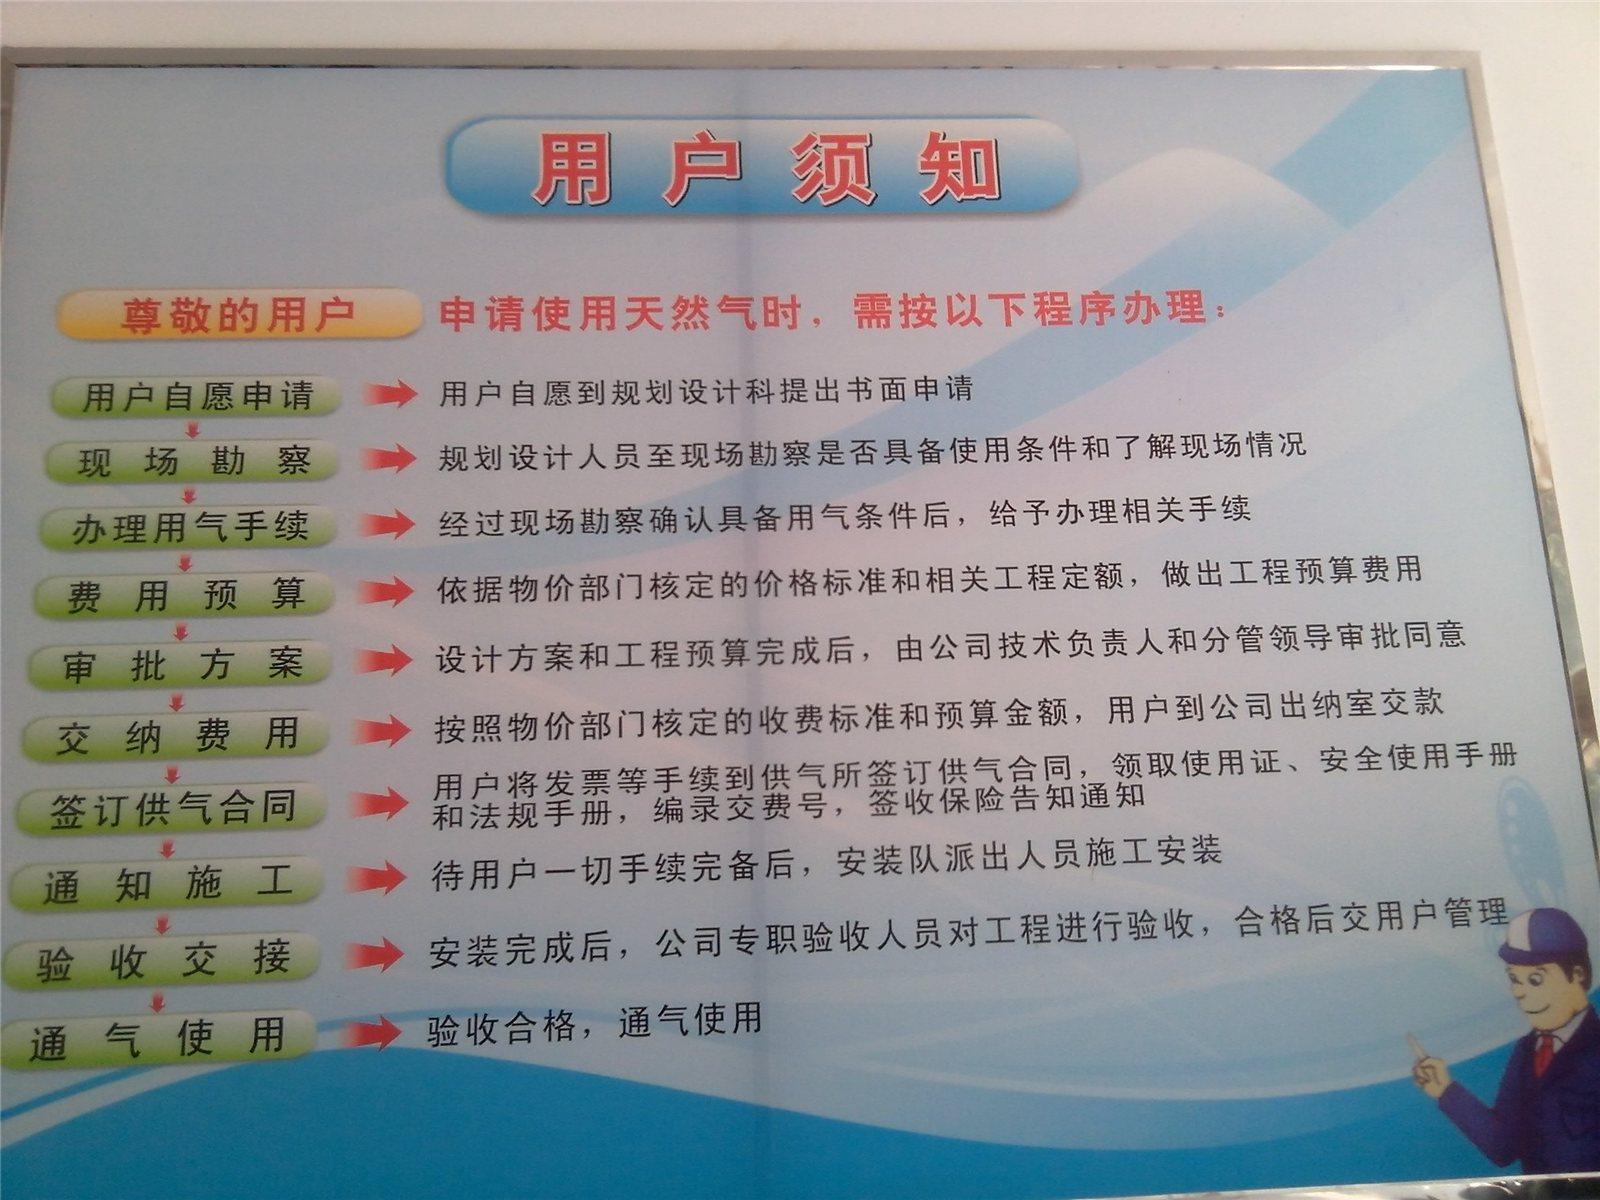 安装天然气申请流程